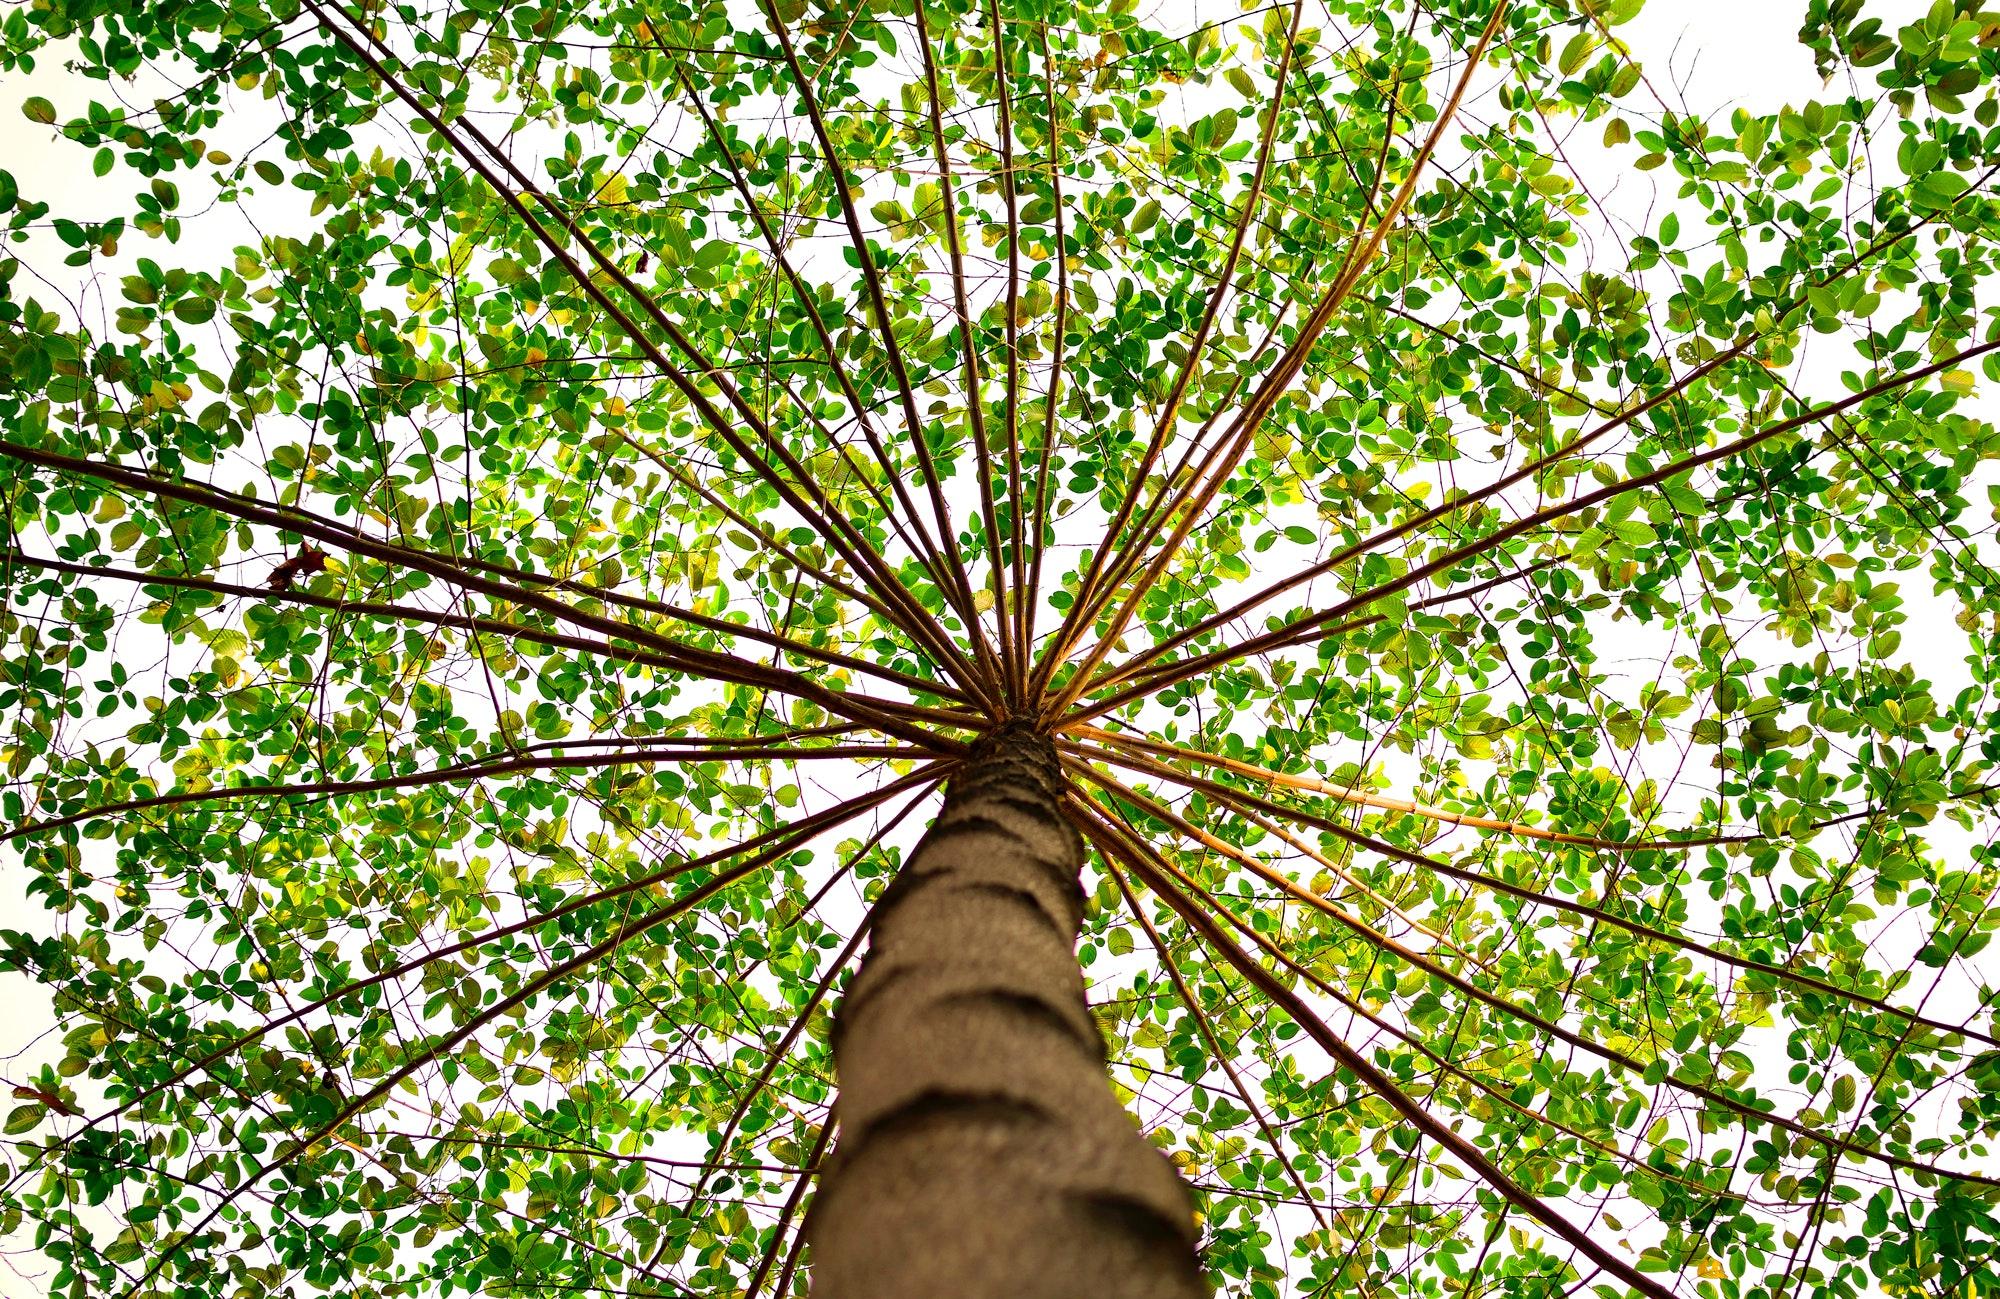 Rüyada Ağacın Çiçek Açtığını Görmek